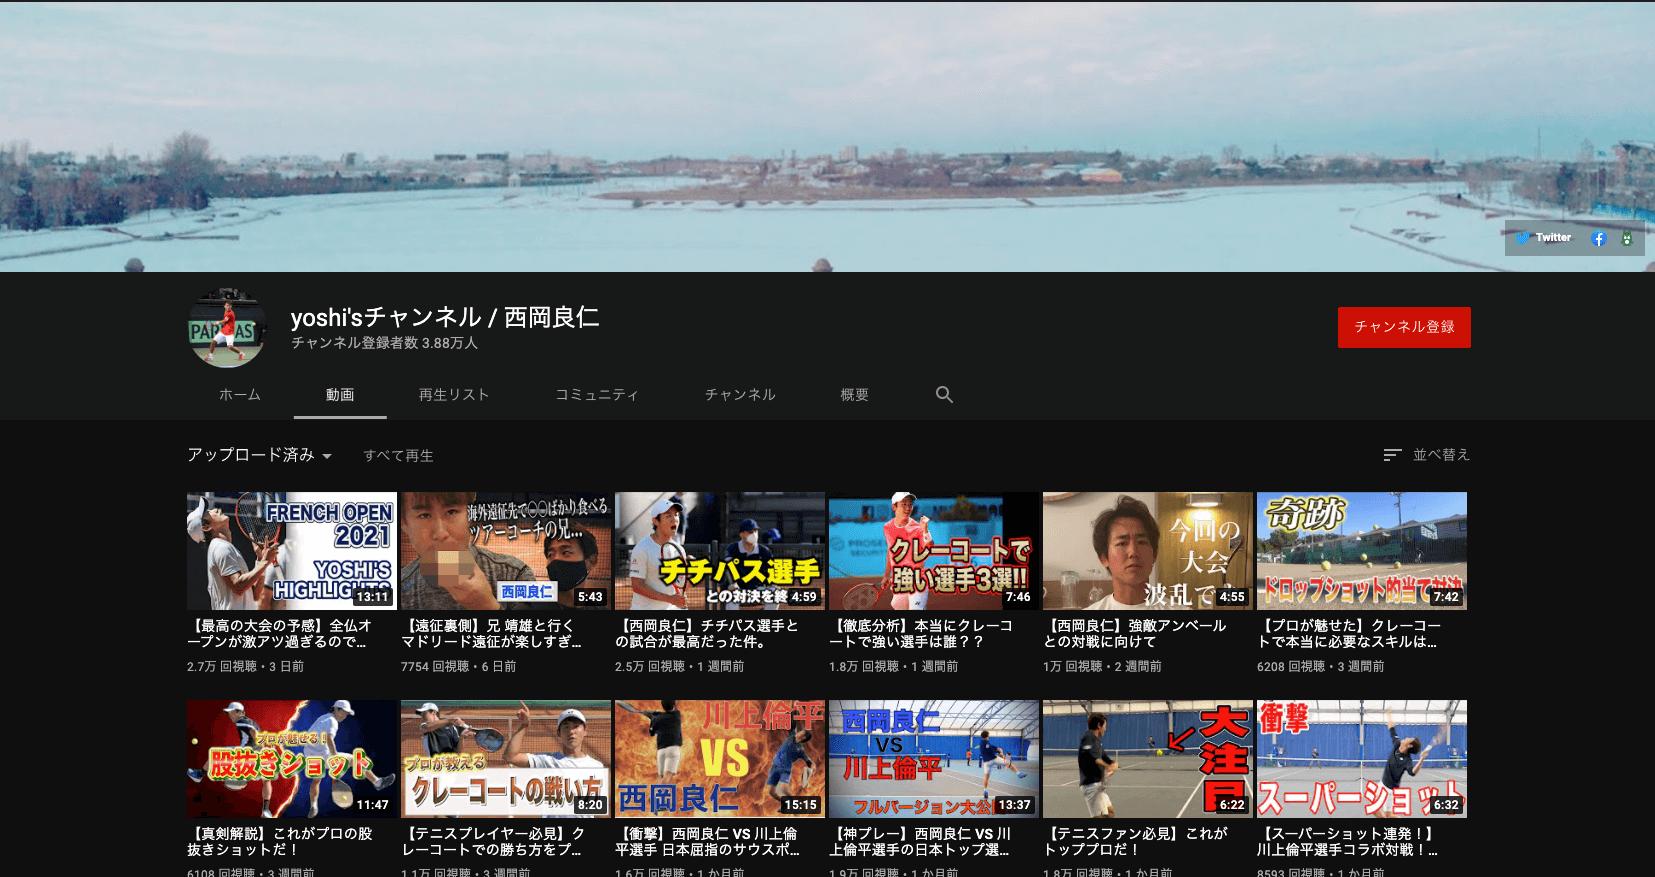 youtube_tennis_nishioka